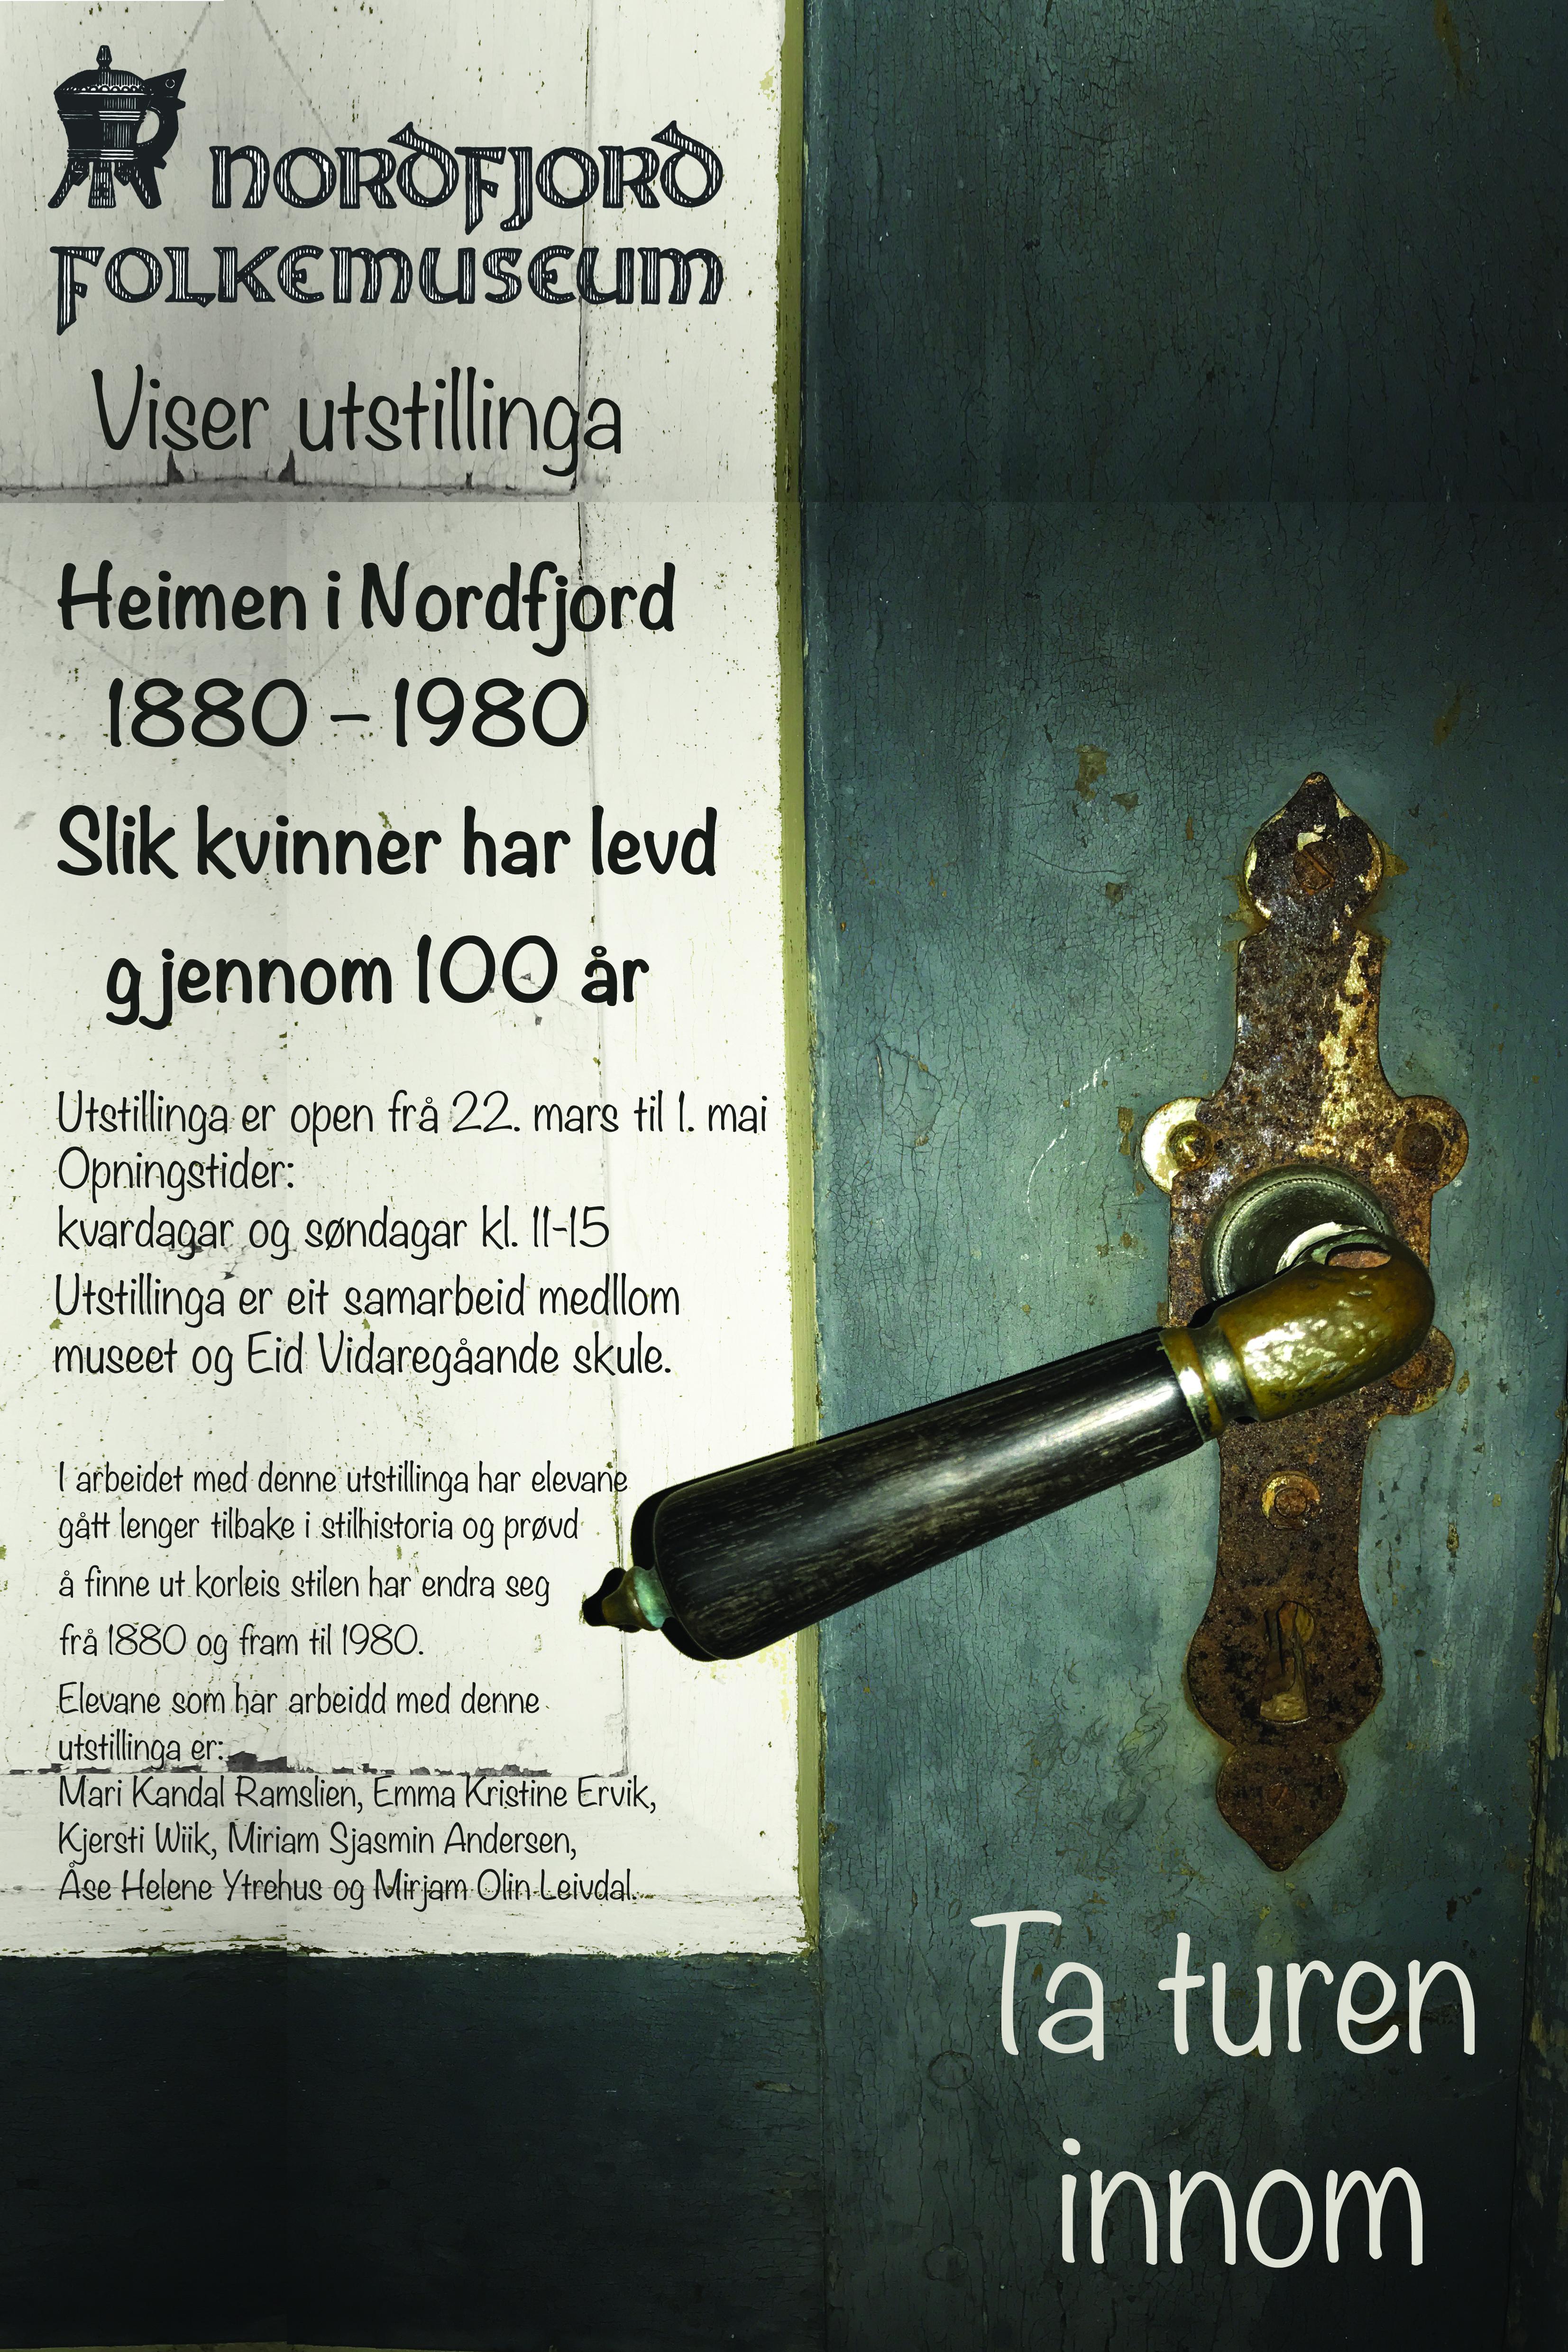 Utstiling ved Nordfjord Folkemuseum